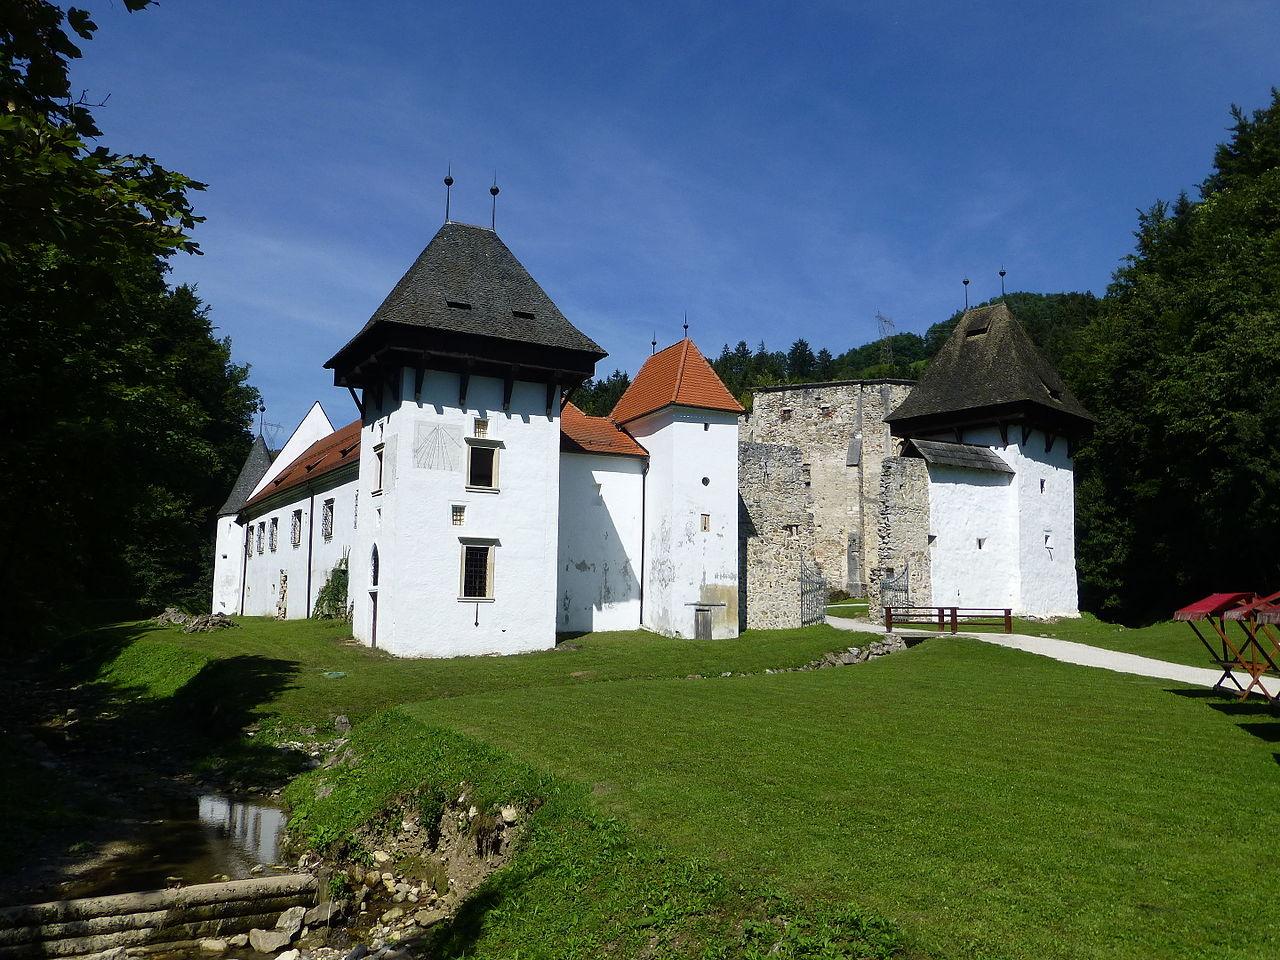 enodnevni-izlet-v-slovenske-konjice-in-zicka-kartuzija